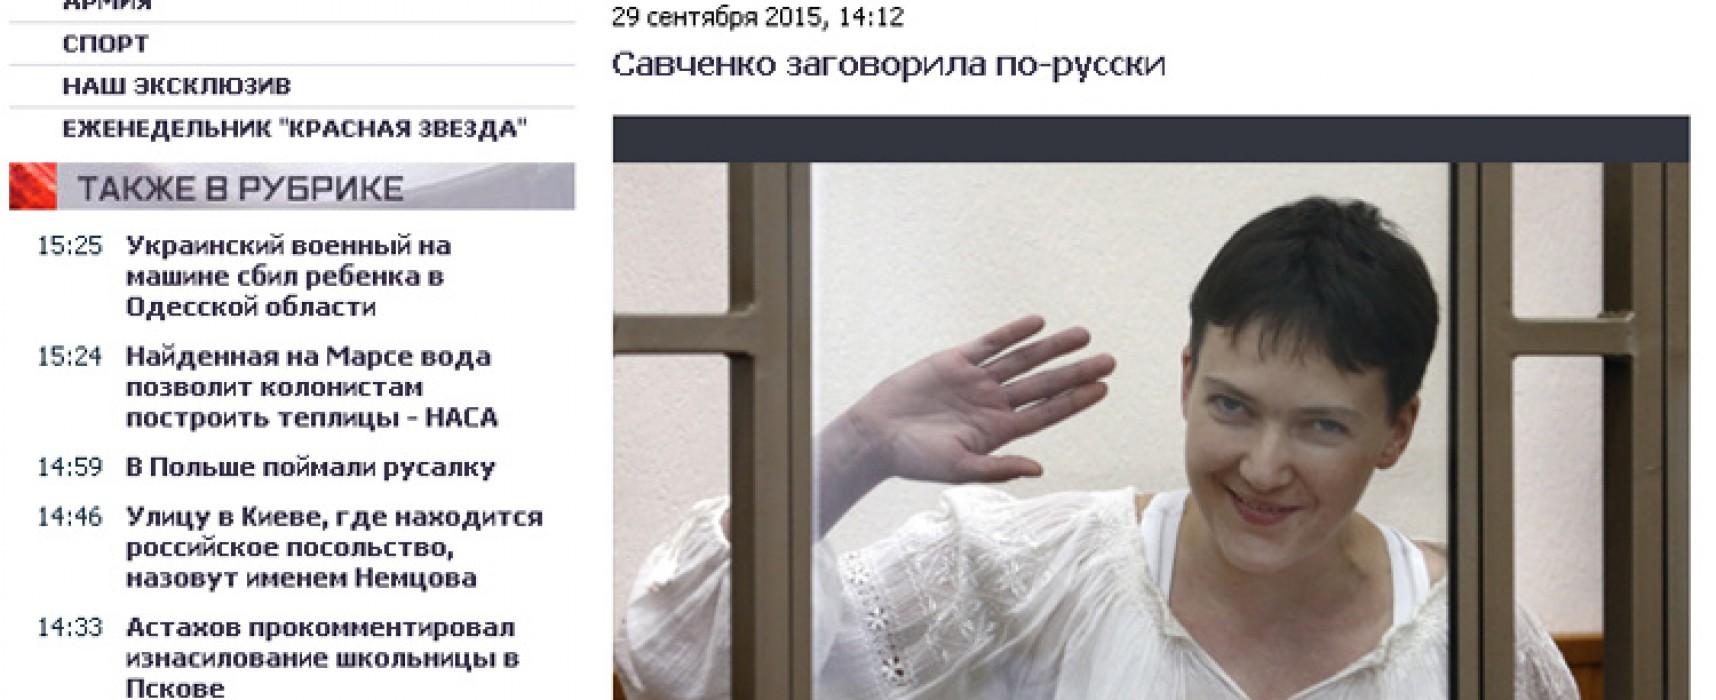 Руските и сепаратистки СМИ изопачиха заявлението на Надежда Савченко